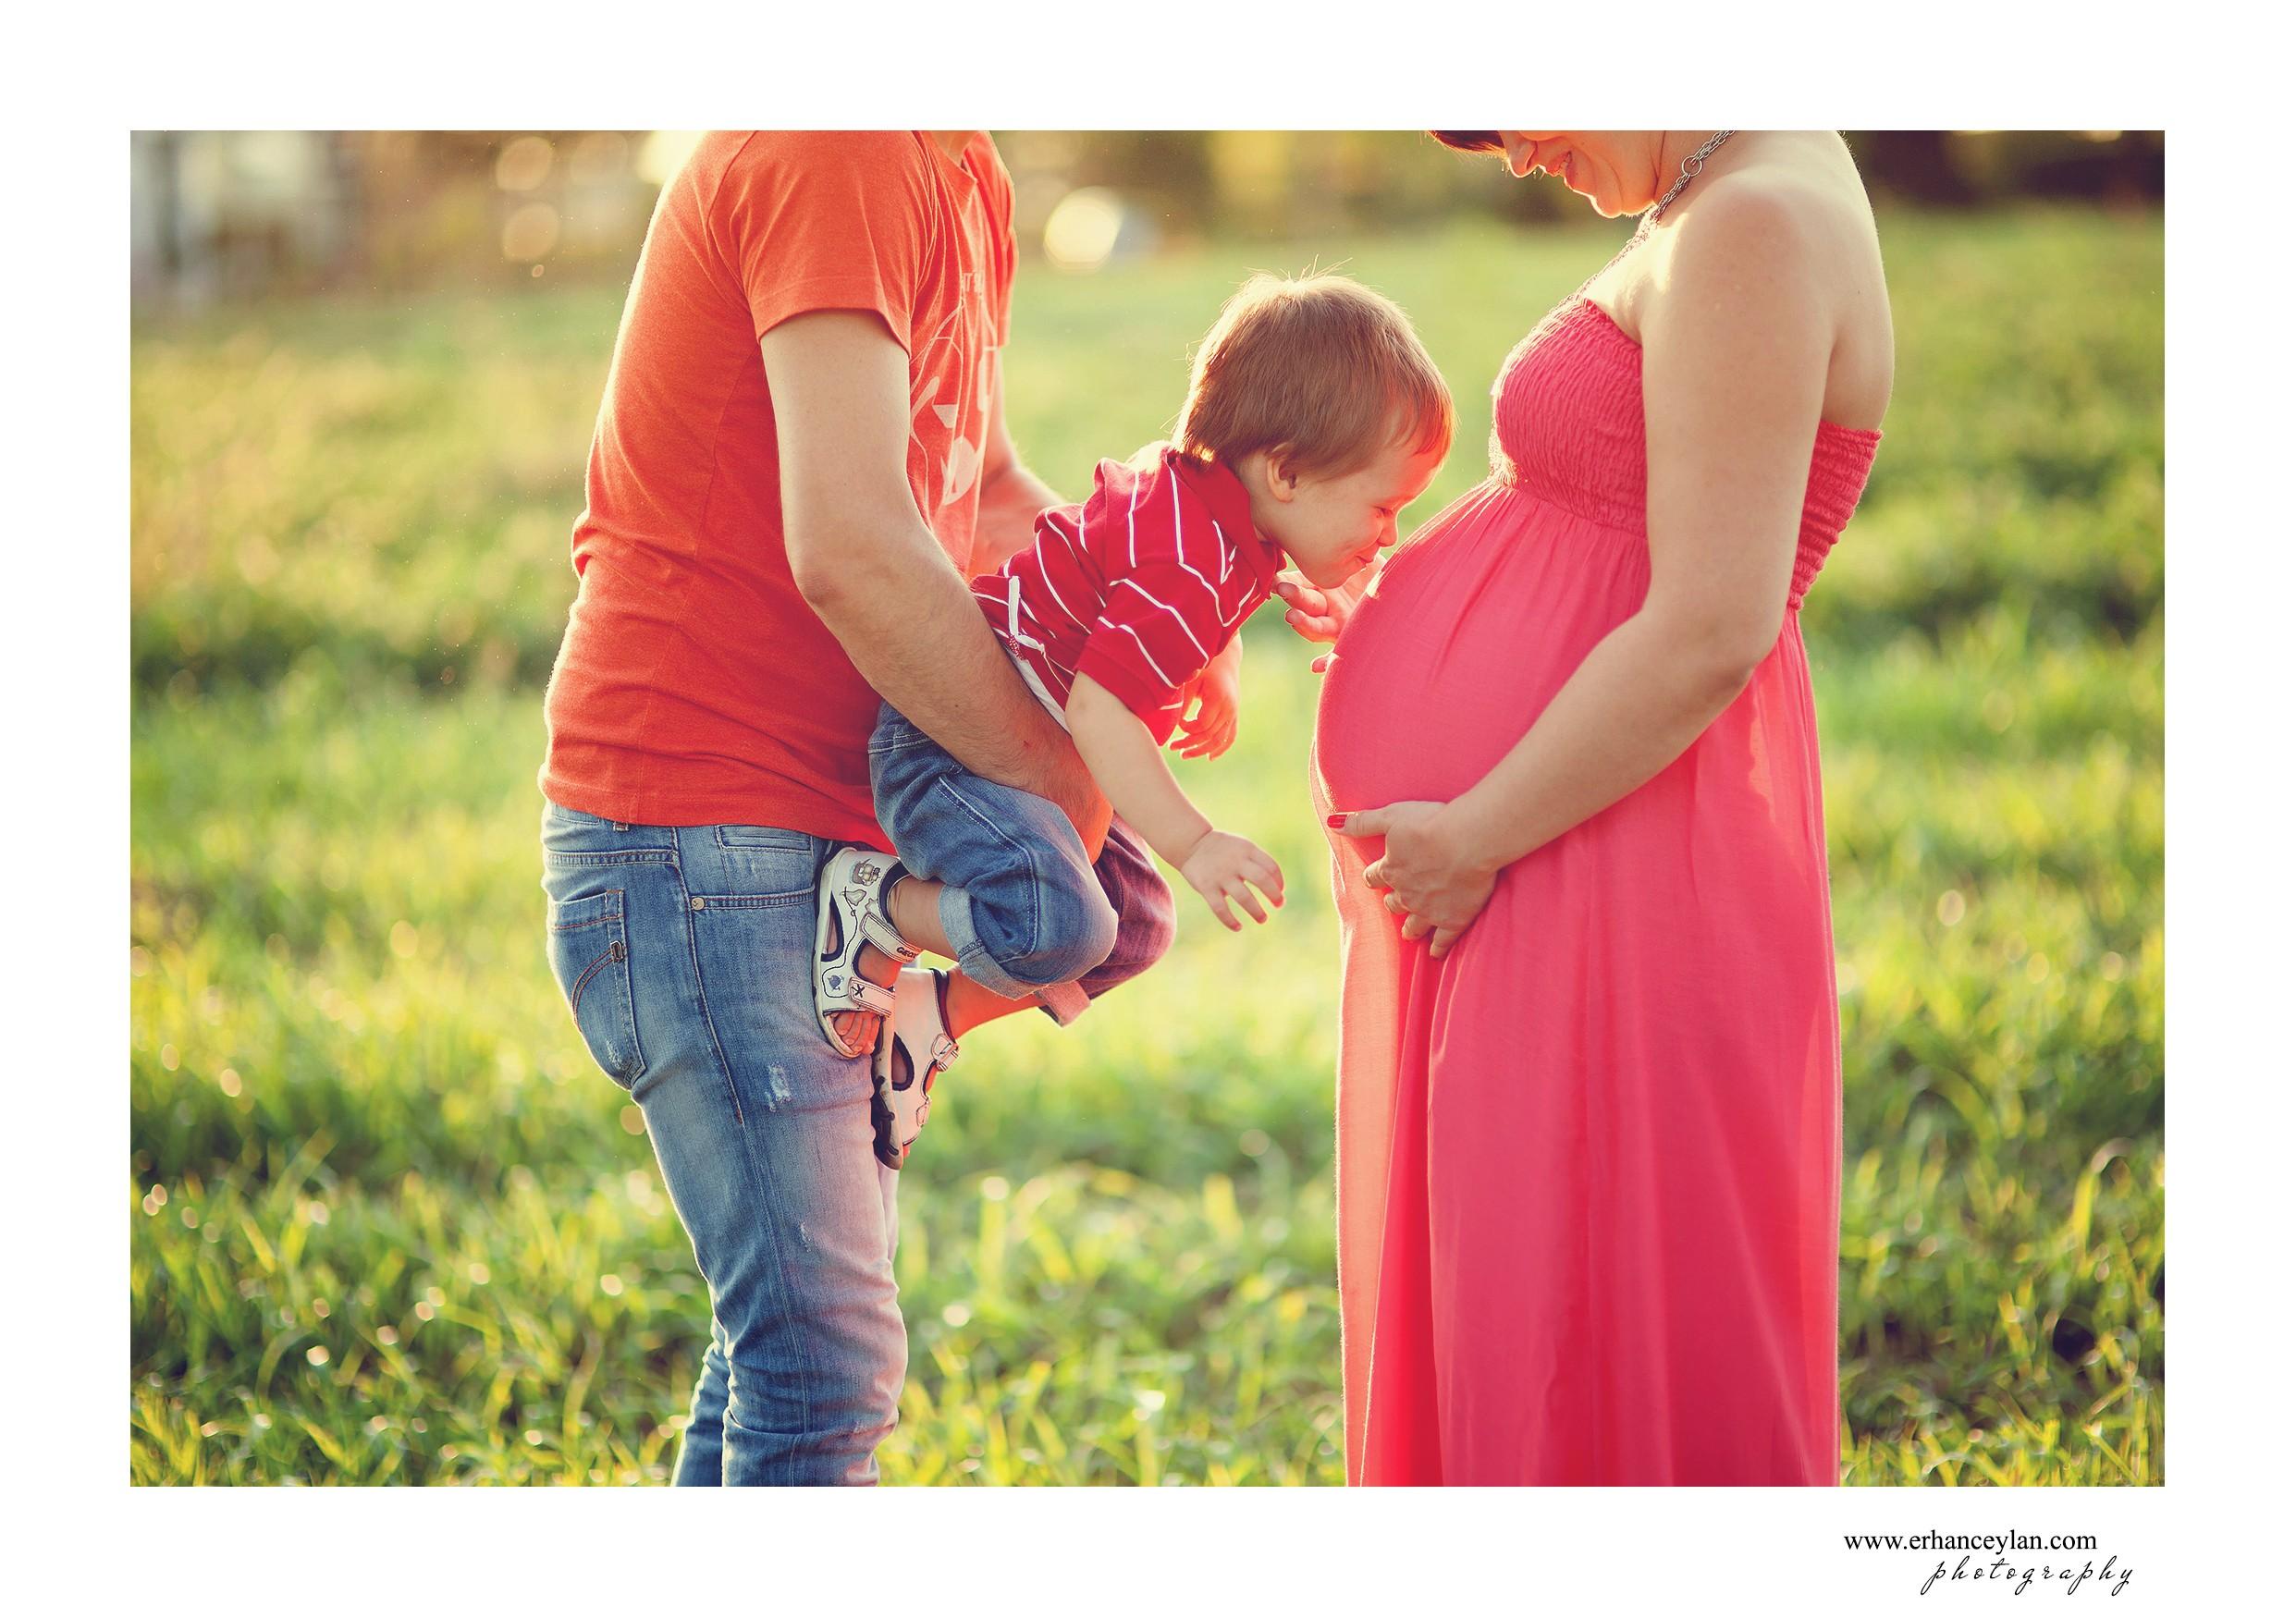 Hamilelikte Karın Çatlakları (Striae Gravidarum)